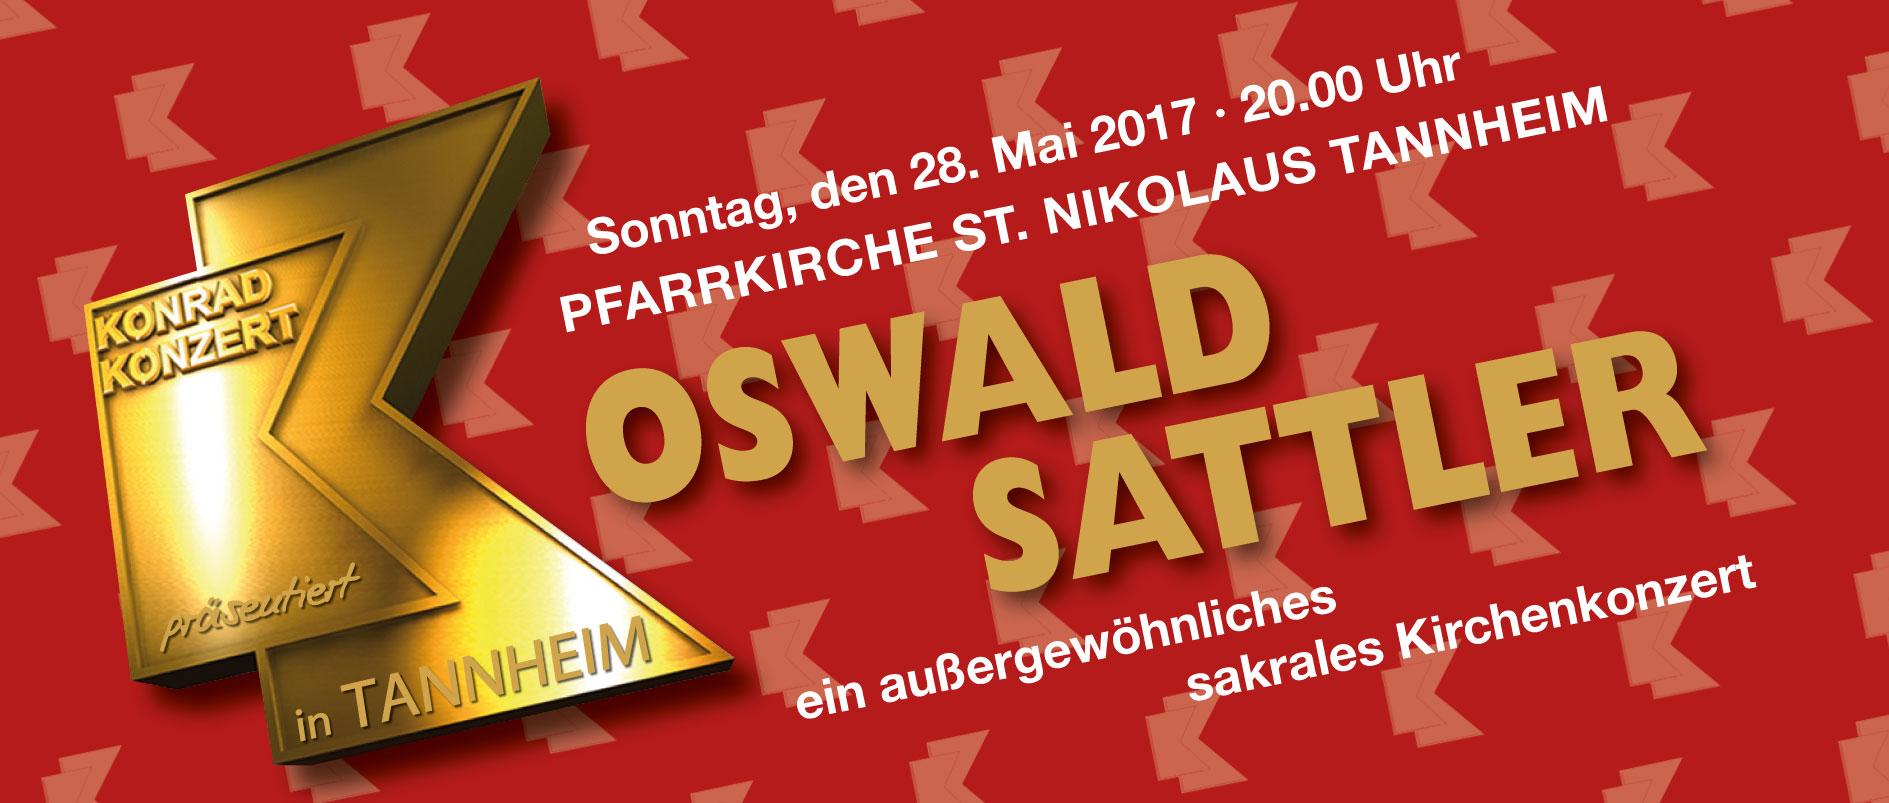 Anzeige-Sattler-28-Mai-2017-Tannheim